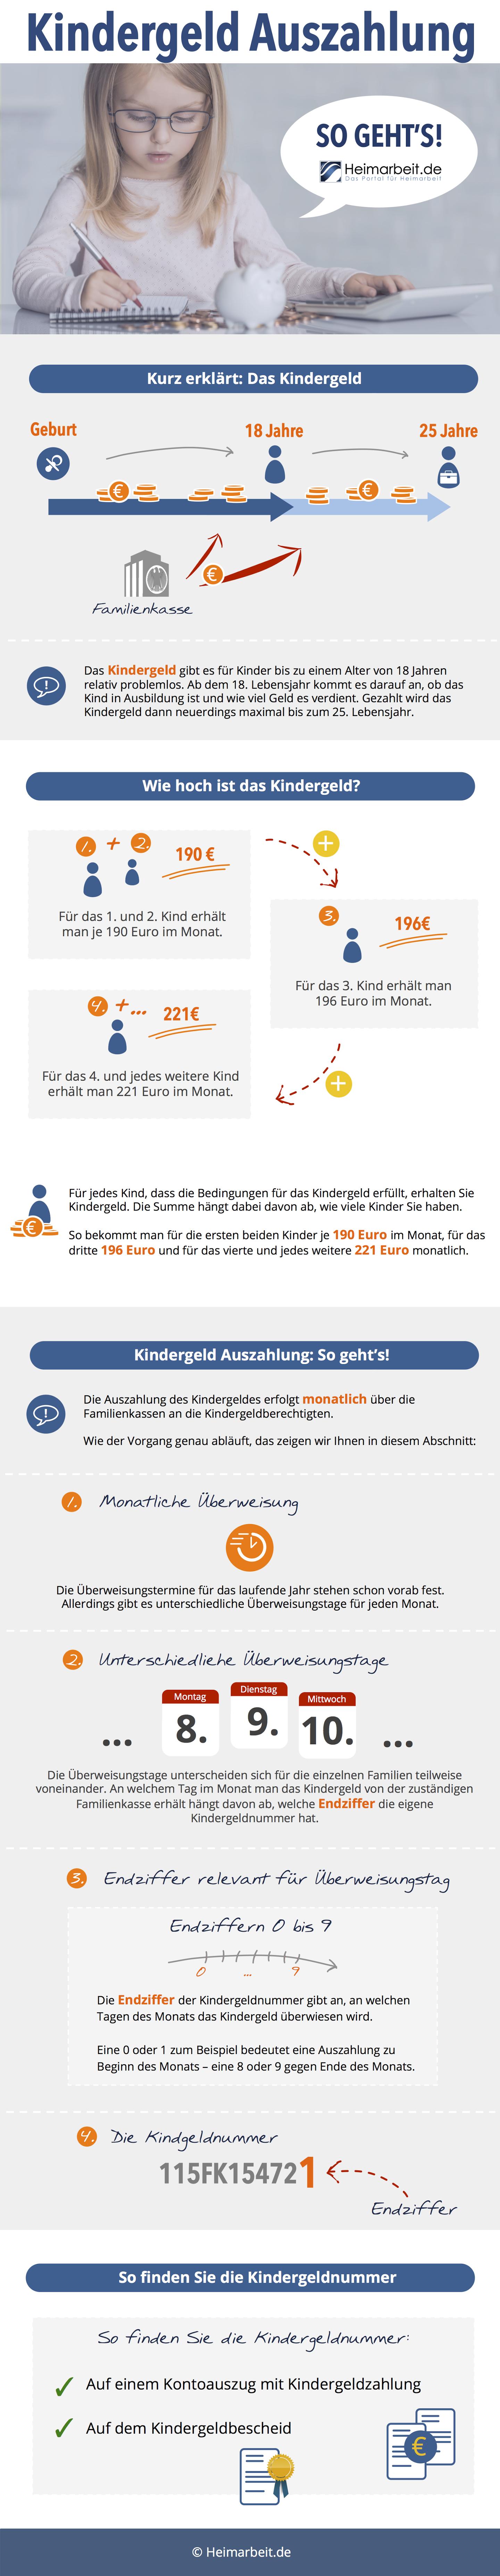 kindergeld-auszahlung-2016